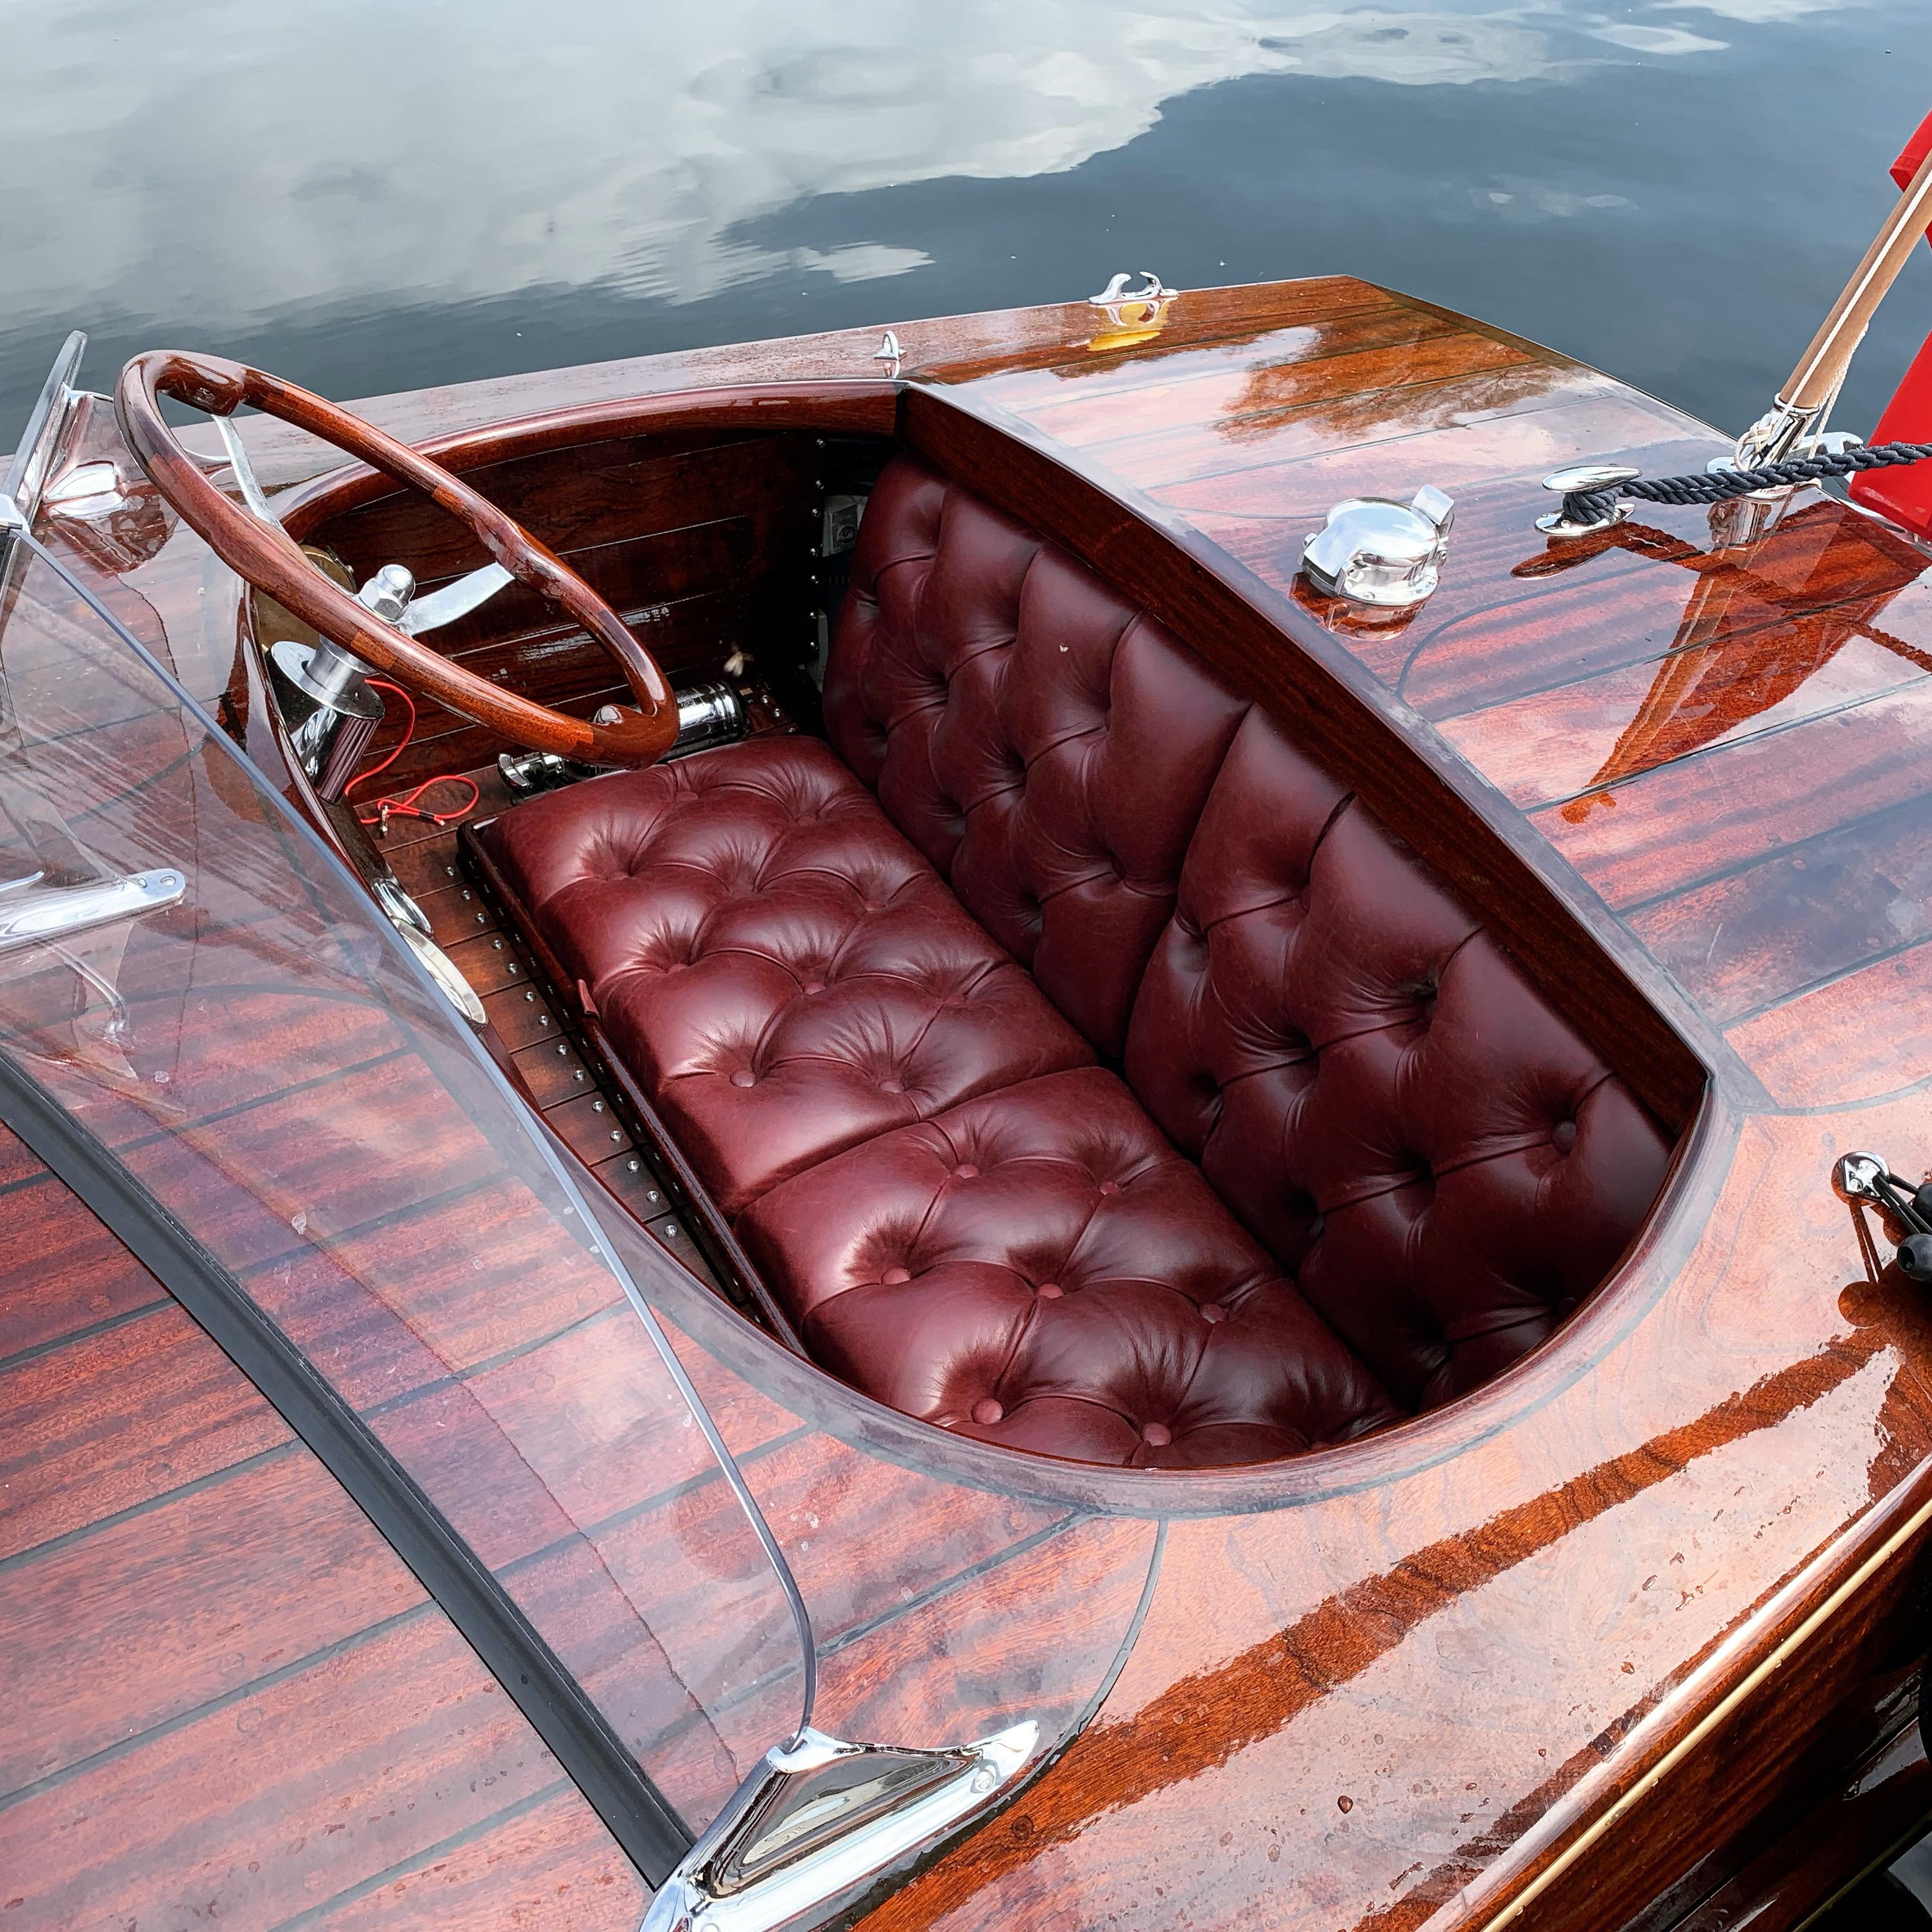 Gentleman's Race boat built by Dan Lee Boatbuilding Miss Isle Gentleman's Race boat built by Dan Lee Boatbuilding Miss Isle